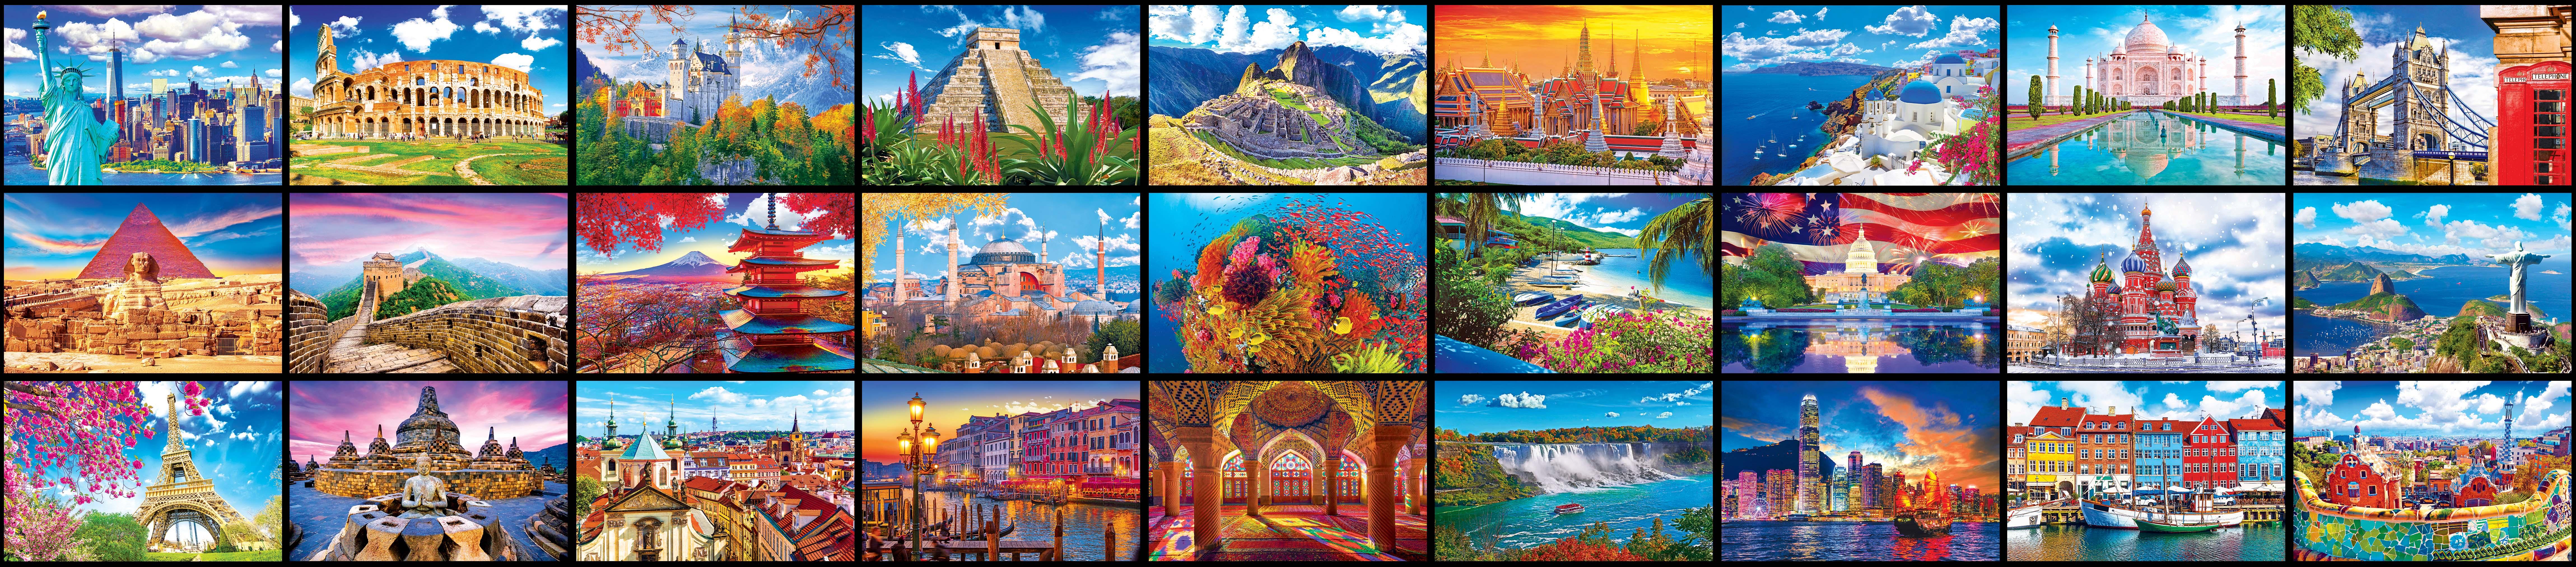 Kodak World's Largest Puzzle – 27 Wonders of the World Travel Jigsaw Puzzle